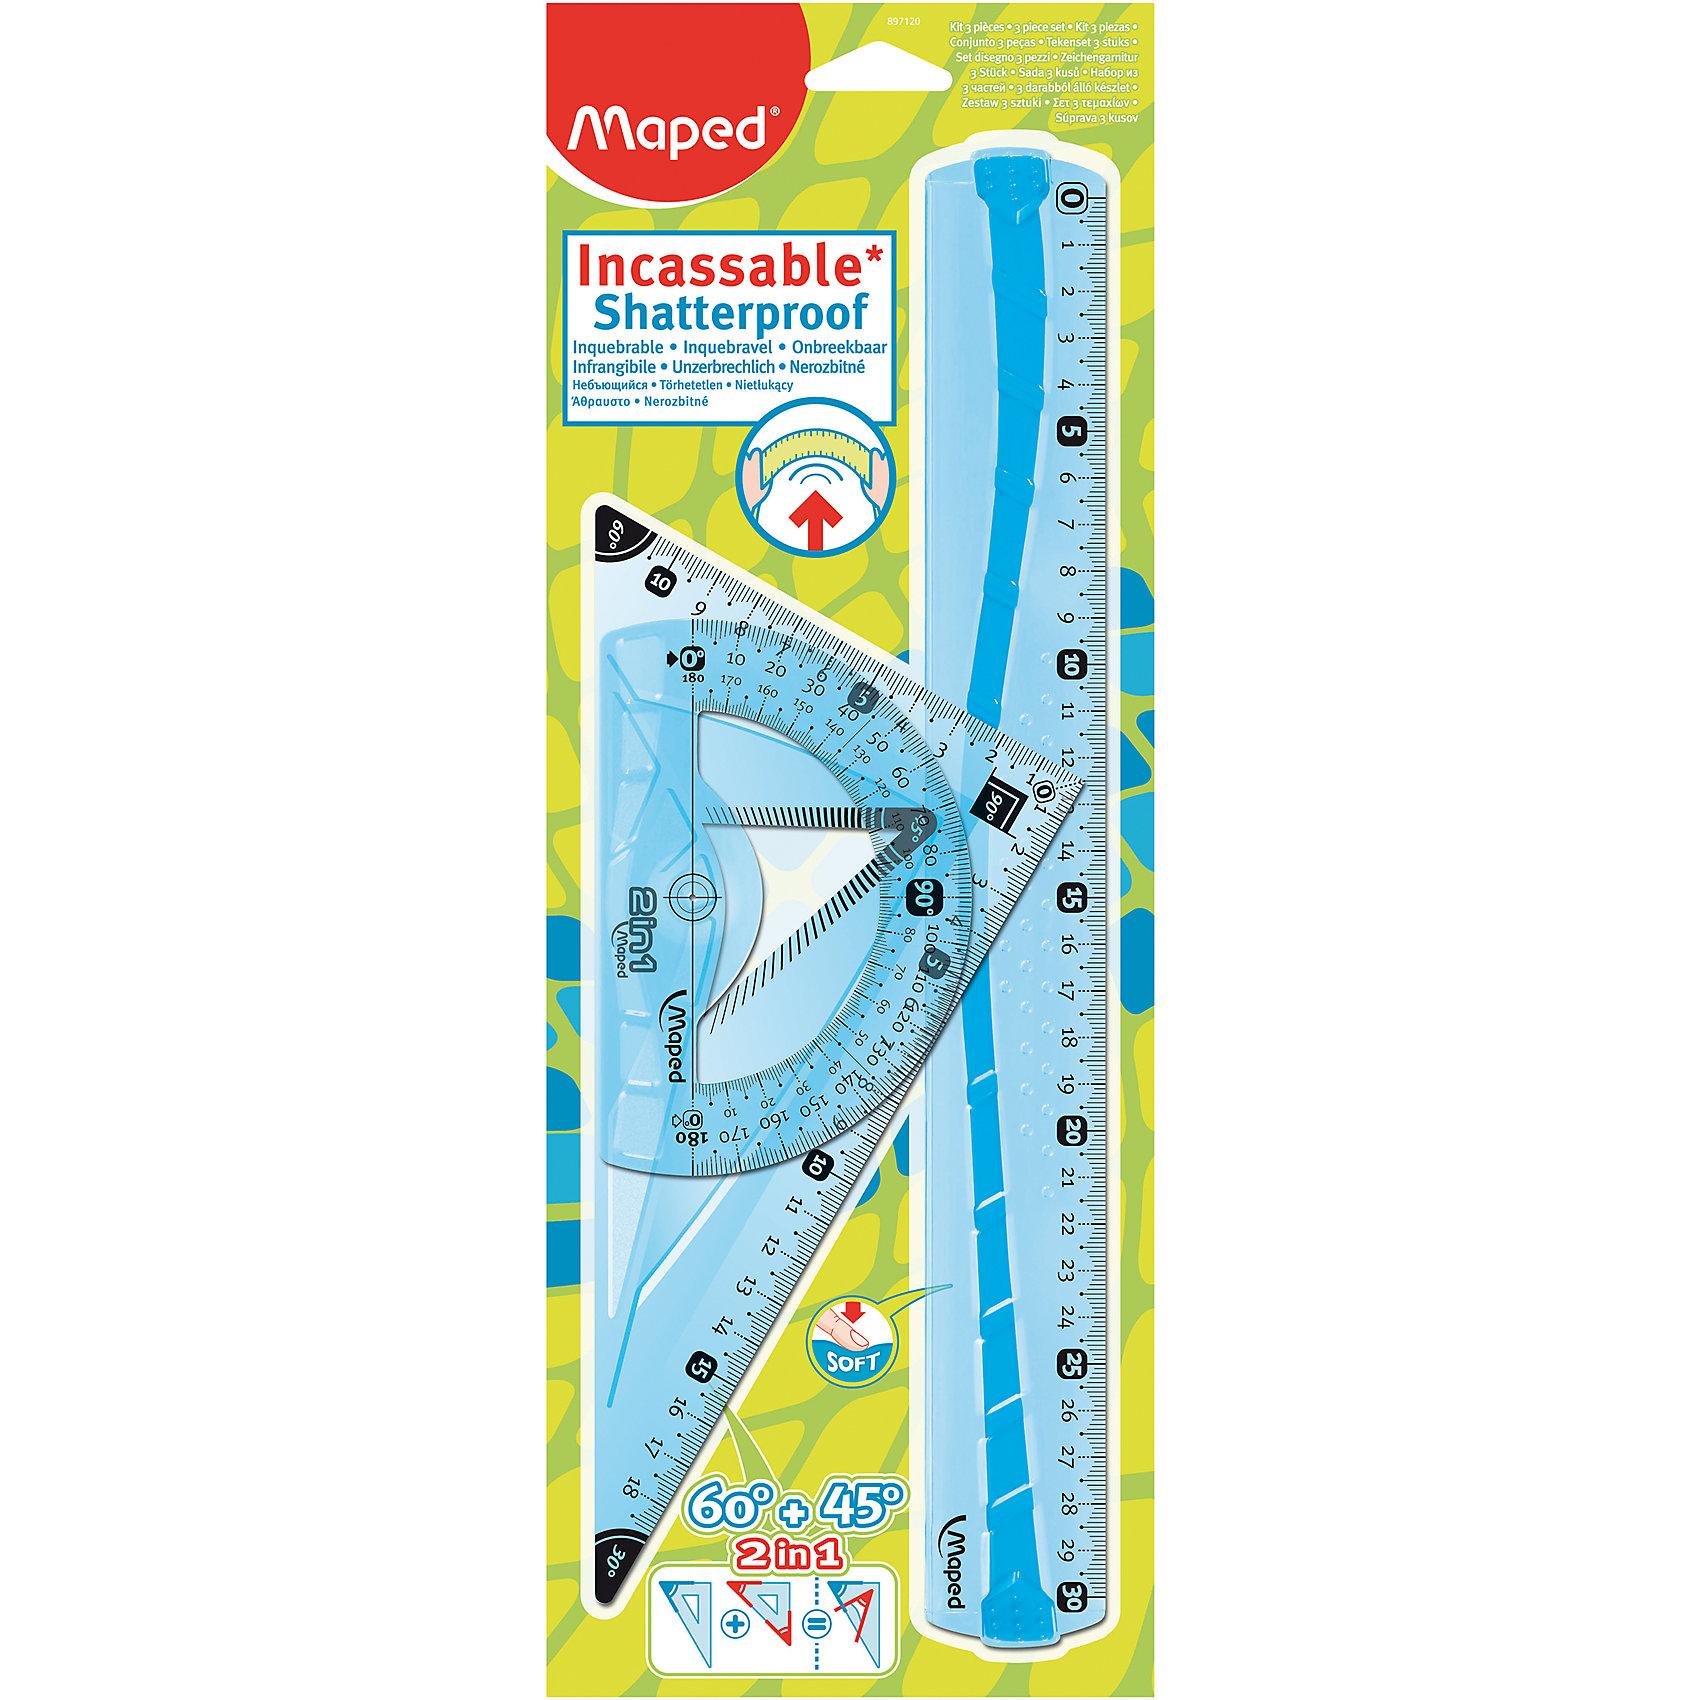 Набор Maped FlexЧертежные принадлежности<br>Набор Maped Flex.<br><br>Характеристики:<br><br>• Для детей в возрасте: от 6 лет<br>• В наборе: линейка 30 см, угольник 2 в 1 с углами 60°/45° 21 см, транспортир с держателем 180°/12 см.<br>• Материал: пластик<br><br>Набор неломающихся чертежных инструментов Flex, от MAPED (МАПЕД), выполненный из цветного прозрачного пластика, содержит все, что может понадобиться ученику на уроках математики. Чертежные инструменты разработаны с учетом всех потребностей ребенка. Все чертежные инструменты устойчивы к ударам и изгибам. Разметка шкалы нанесена на внутреннюю поверхность чертежных принадлежностей, что предотвращает ее истирание. Шкала легкочитаемая, предусмотрено наглядное указание отметки «0» и наглядные индикаторы каждые 5 см. На линейке имеется нескользящая резиновая вставка.<br><br>Набор Maped Flex можно купить в нашем интернет-магазине.<br><br>Ширина мм: 363<br>Глубина мм: 130<br>Высота мм: 10<br>Вес г: 130<br>Возраст от месяцев: 72<br>Возраст до месяцев: 2147483647<br>Пол: Унисекс<br>Возраст: Детский<br>SKU: 5530050